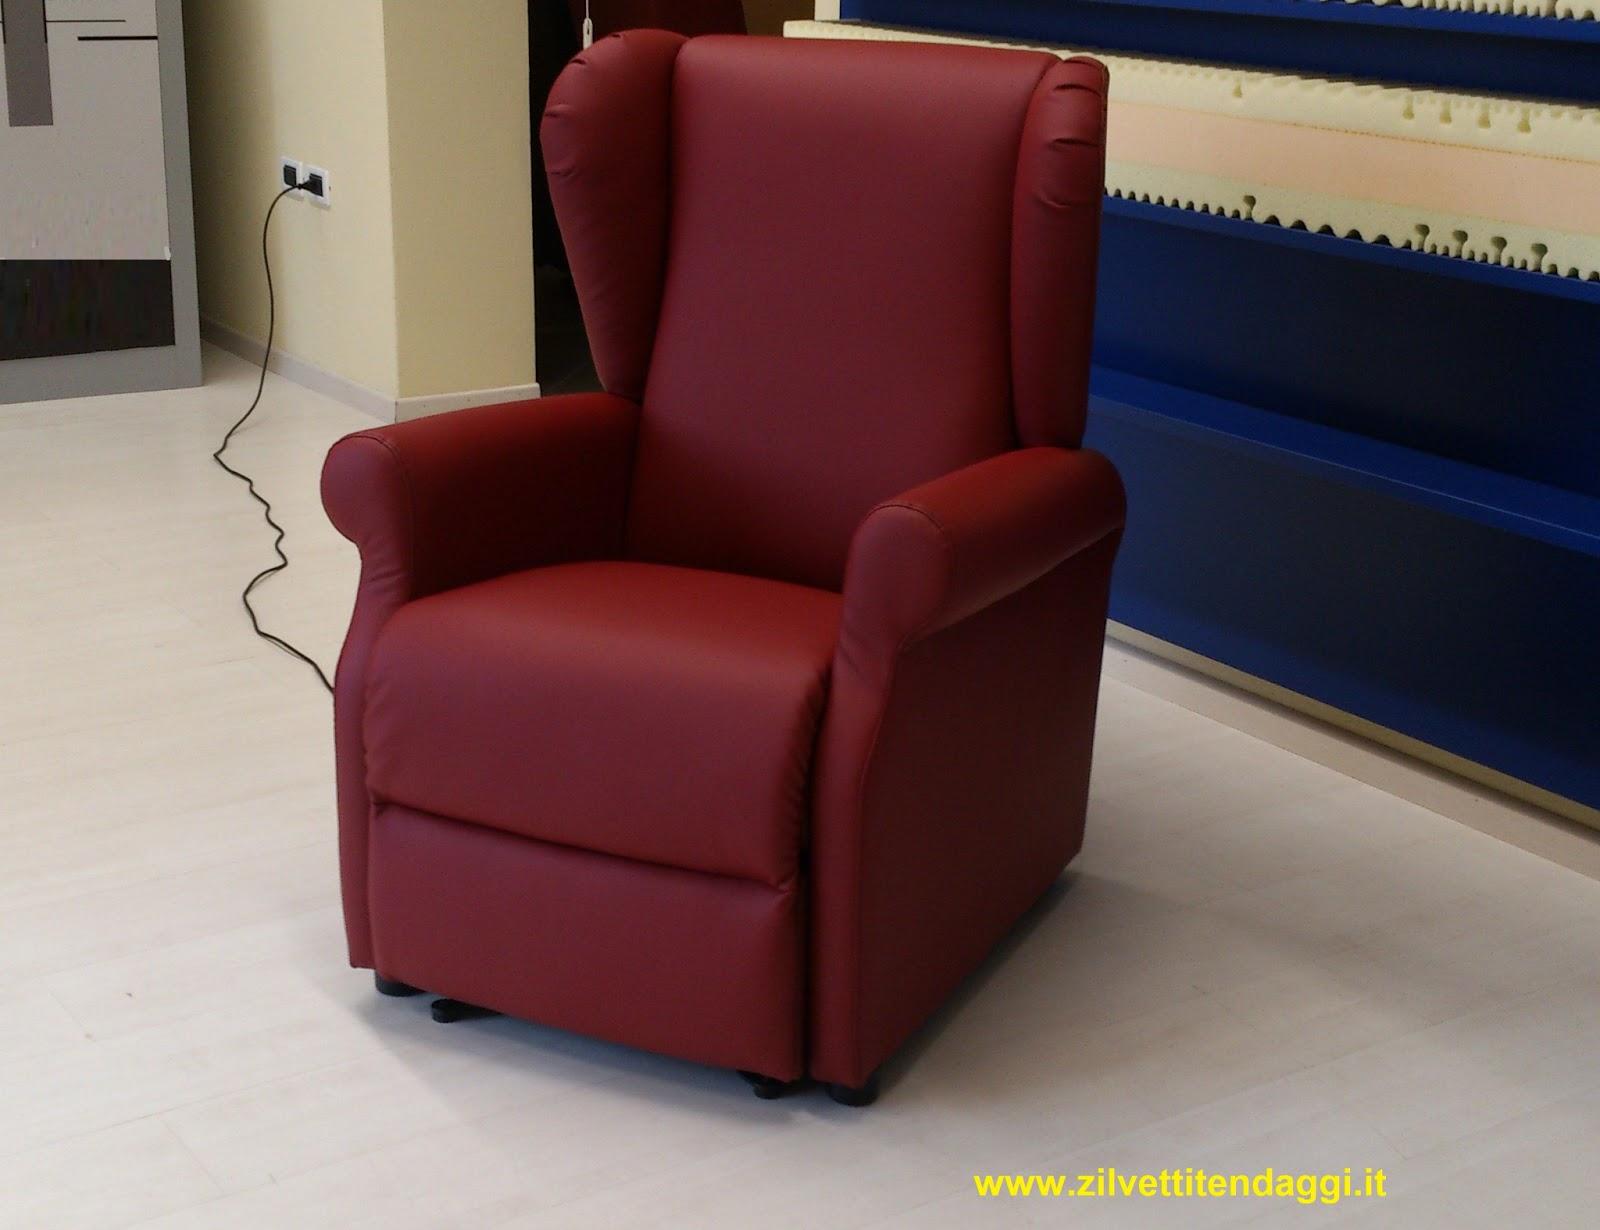 tende materassi letti poltrone divani - ZILVETTI TENDAGGI: aprile 2013